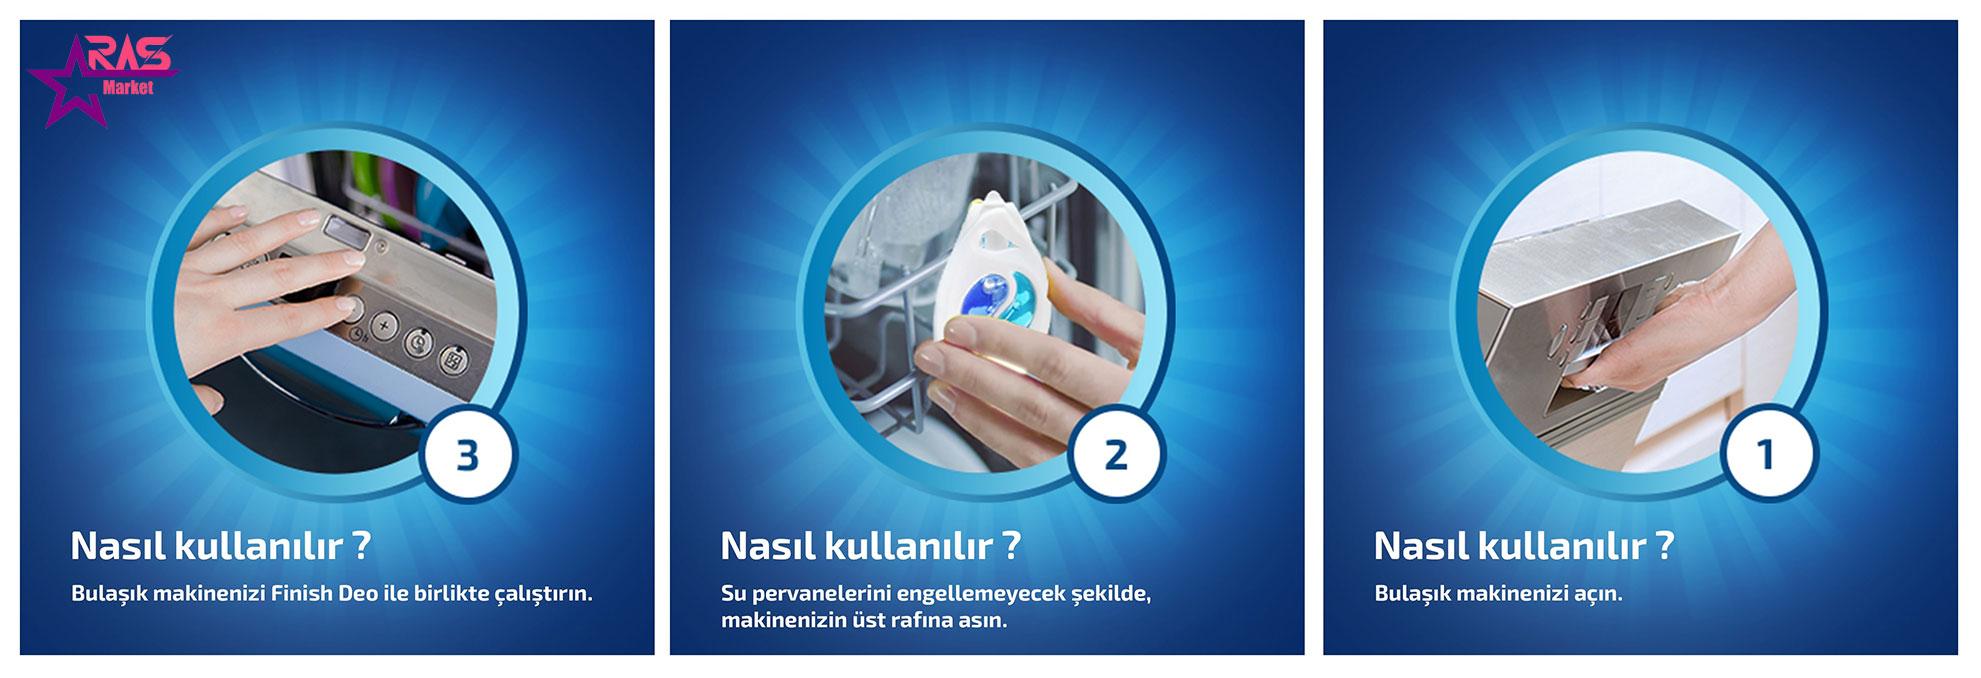 بوگیر ماشین ظرفشویی فینیش مدل کلاسیک ، خرید اینترنتی محصولات شوینده و بهداشتی ، بهداشت خانه ، محصولات ظرفشویی